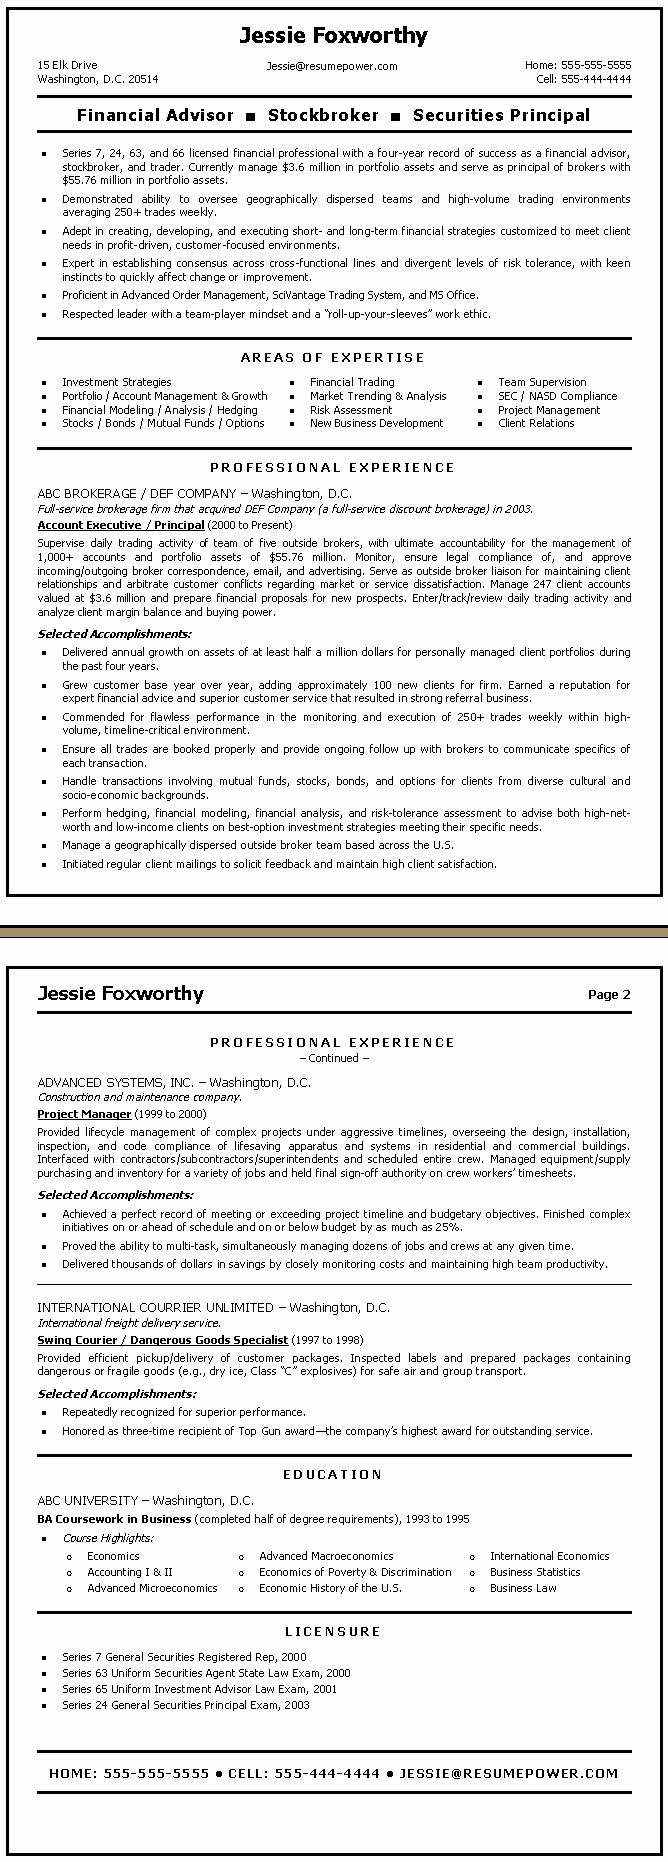 Financial Advisor Resume Example Elegant Finance Resume